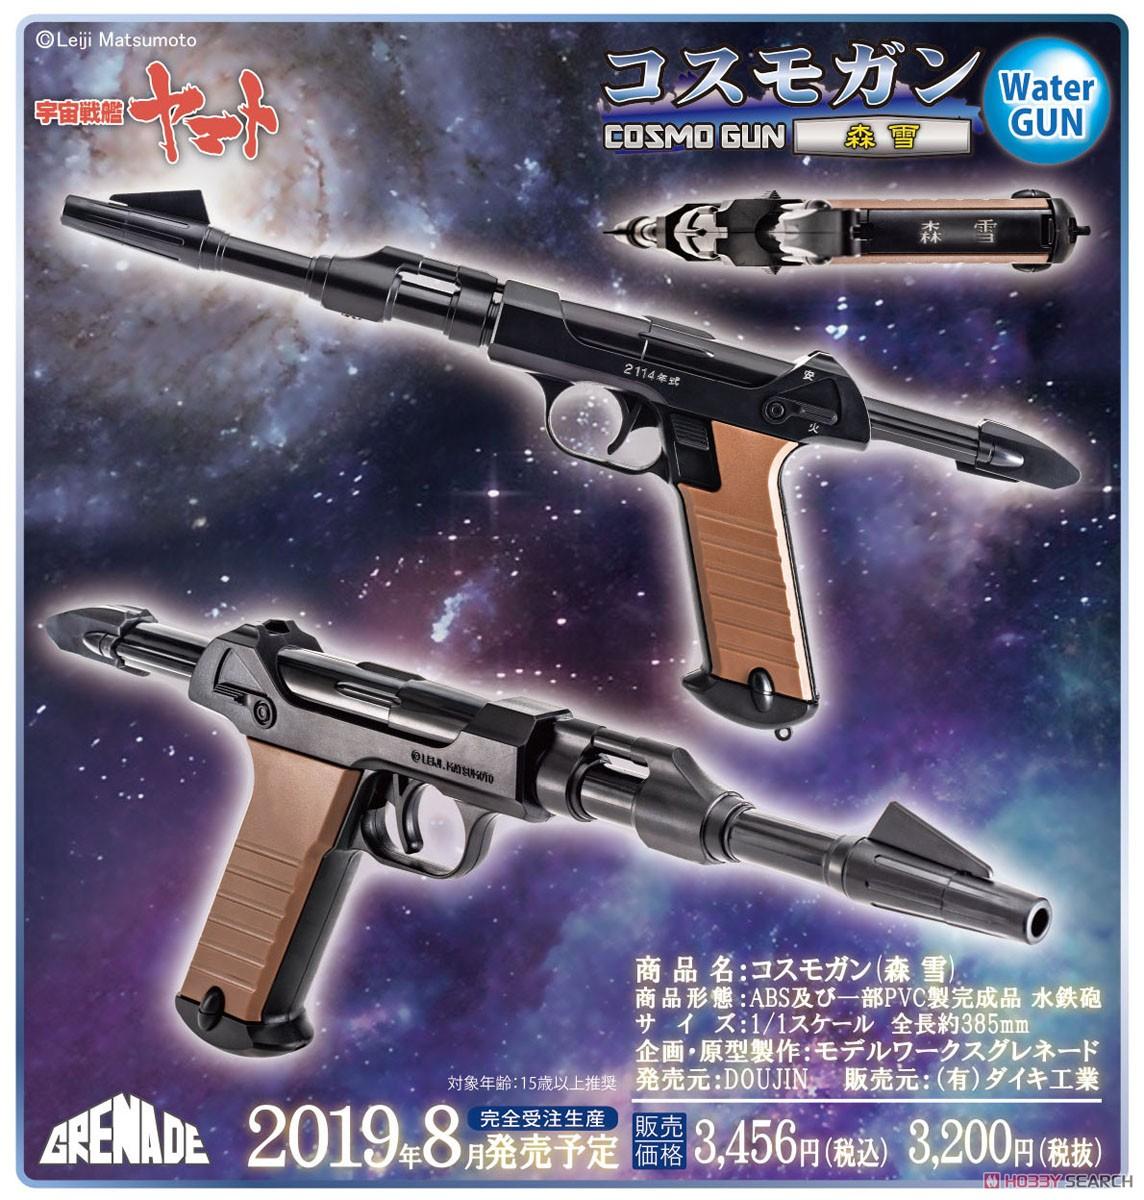 宇宙戦艦ヤマト『コスモガン 古代進』1/1 完成品 ウォーターガン-012